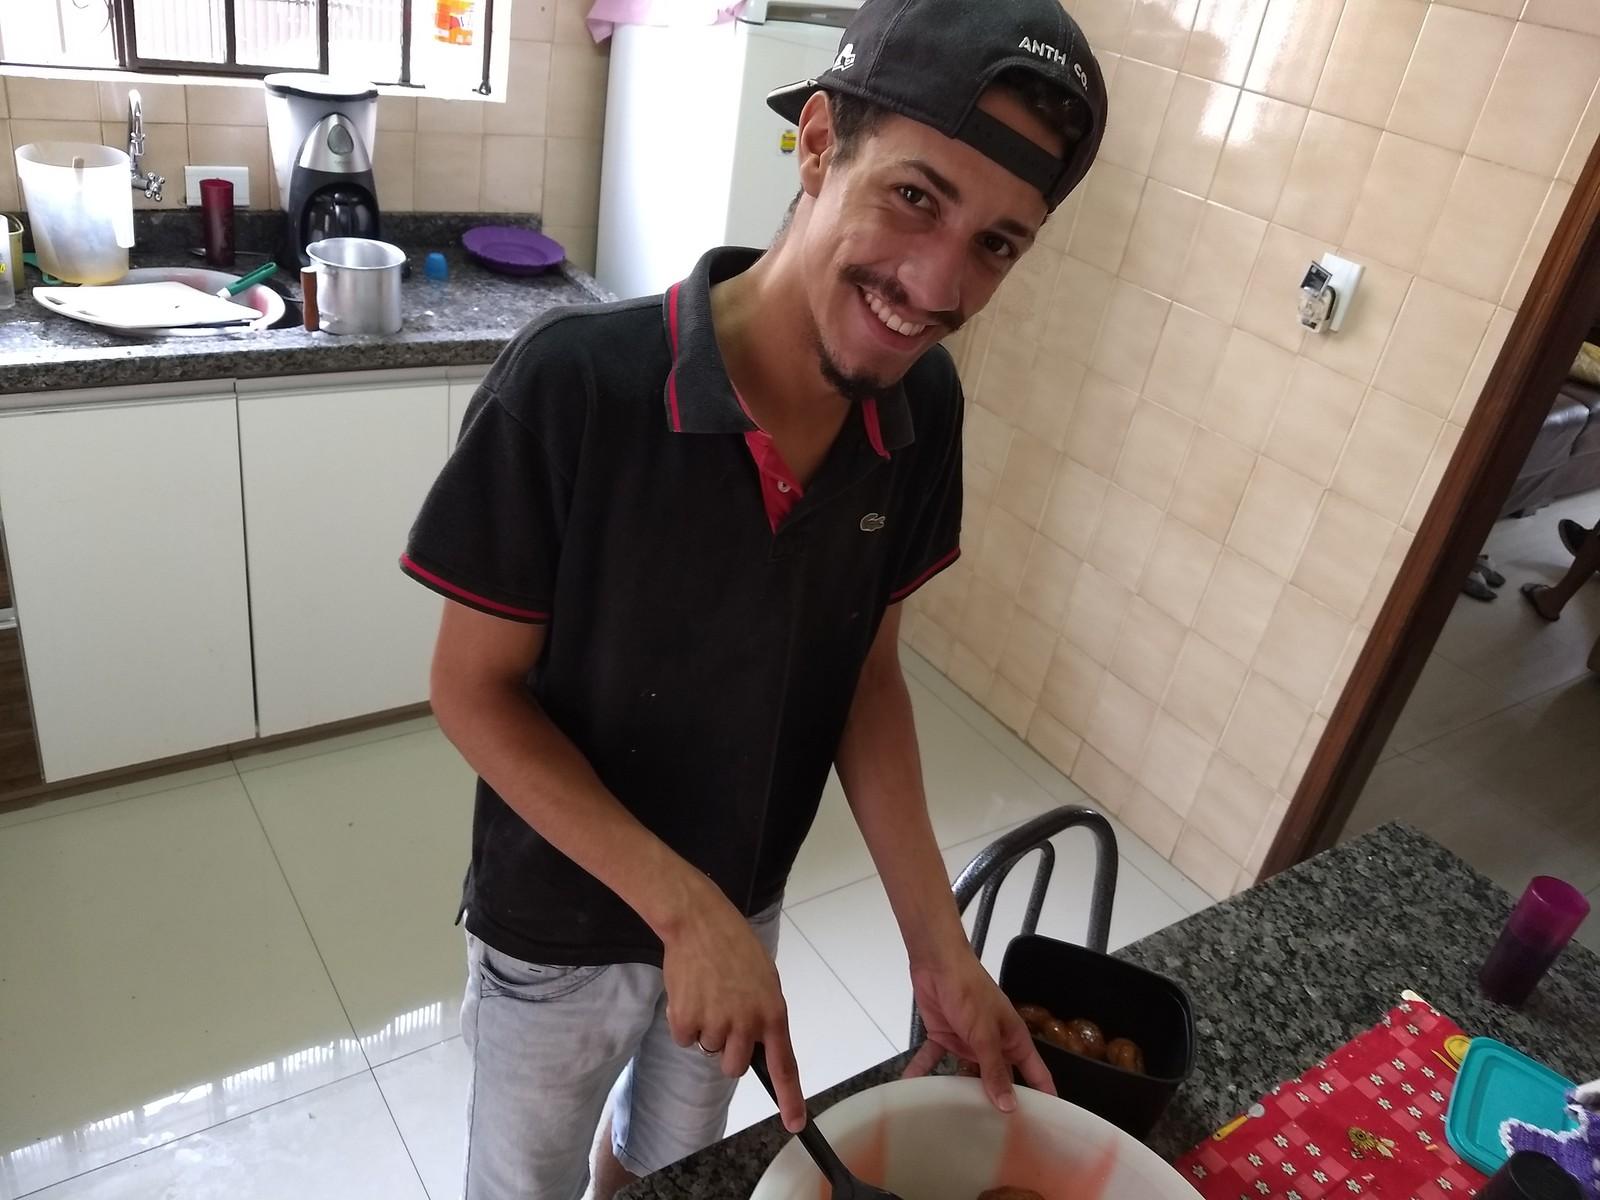 Júnior de Araújo, de 21 anos, que está desempregado, foi o responsável por preparar os bolinhos para o café da tarde. (Foto: Ederson Hising/G1 PR)